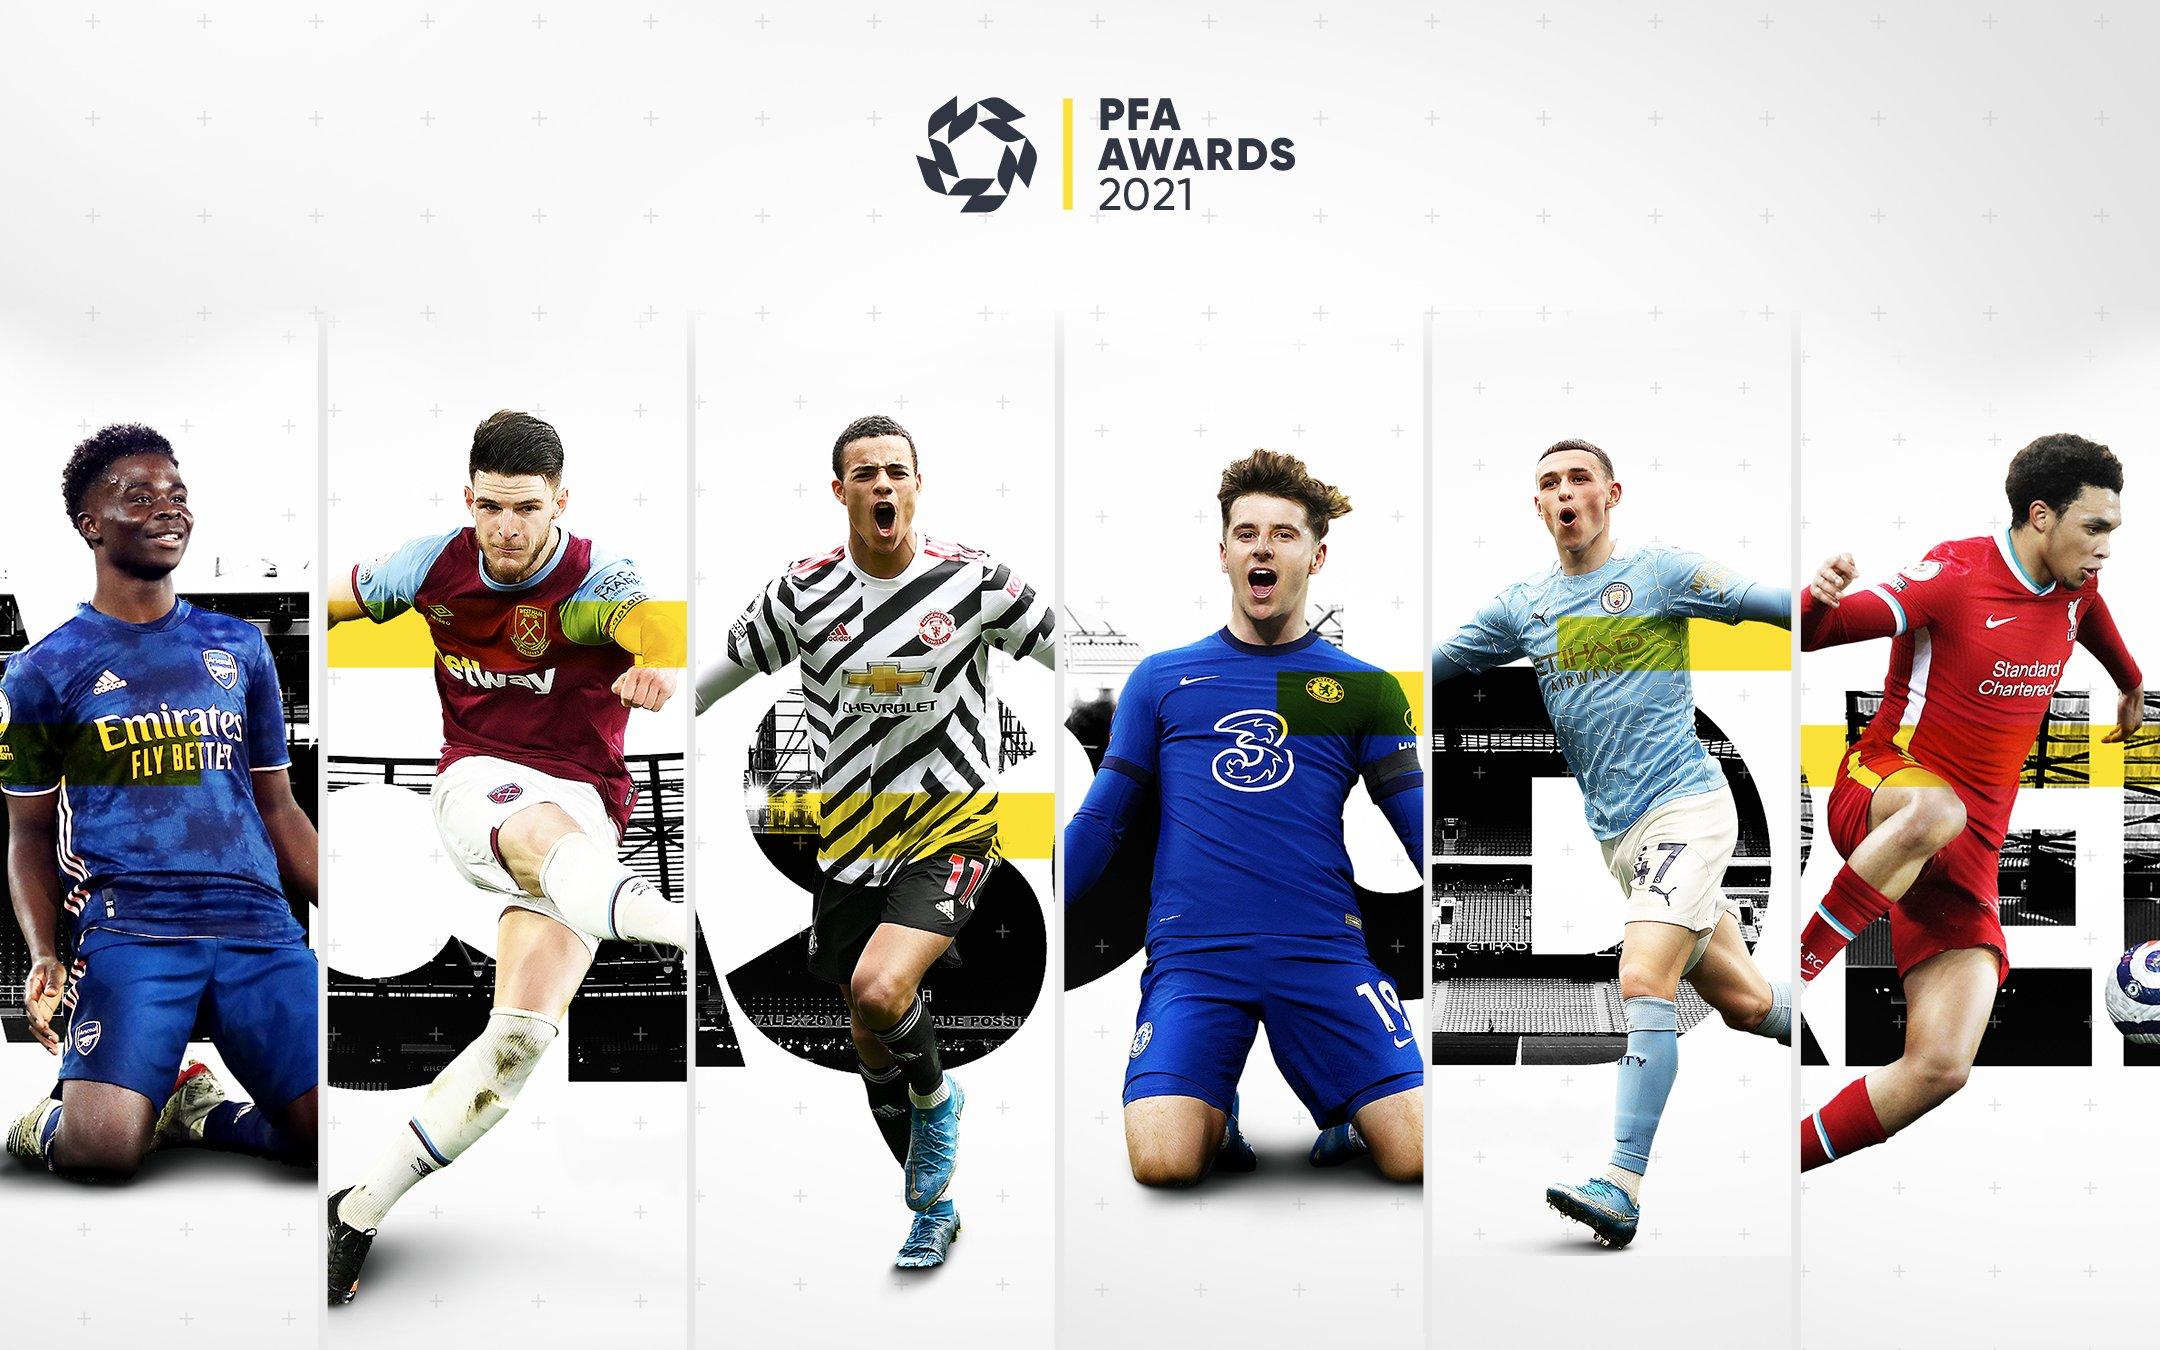 Sáu đề cử Cầu thủ trẻ hay nhất mùa. Ảnh: PFA